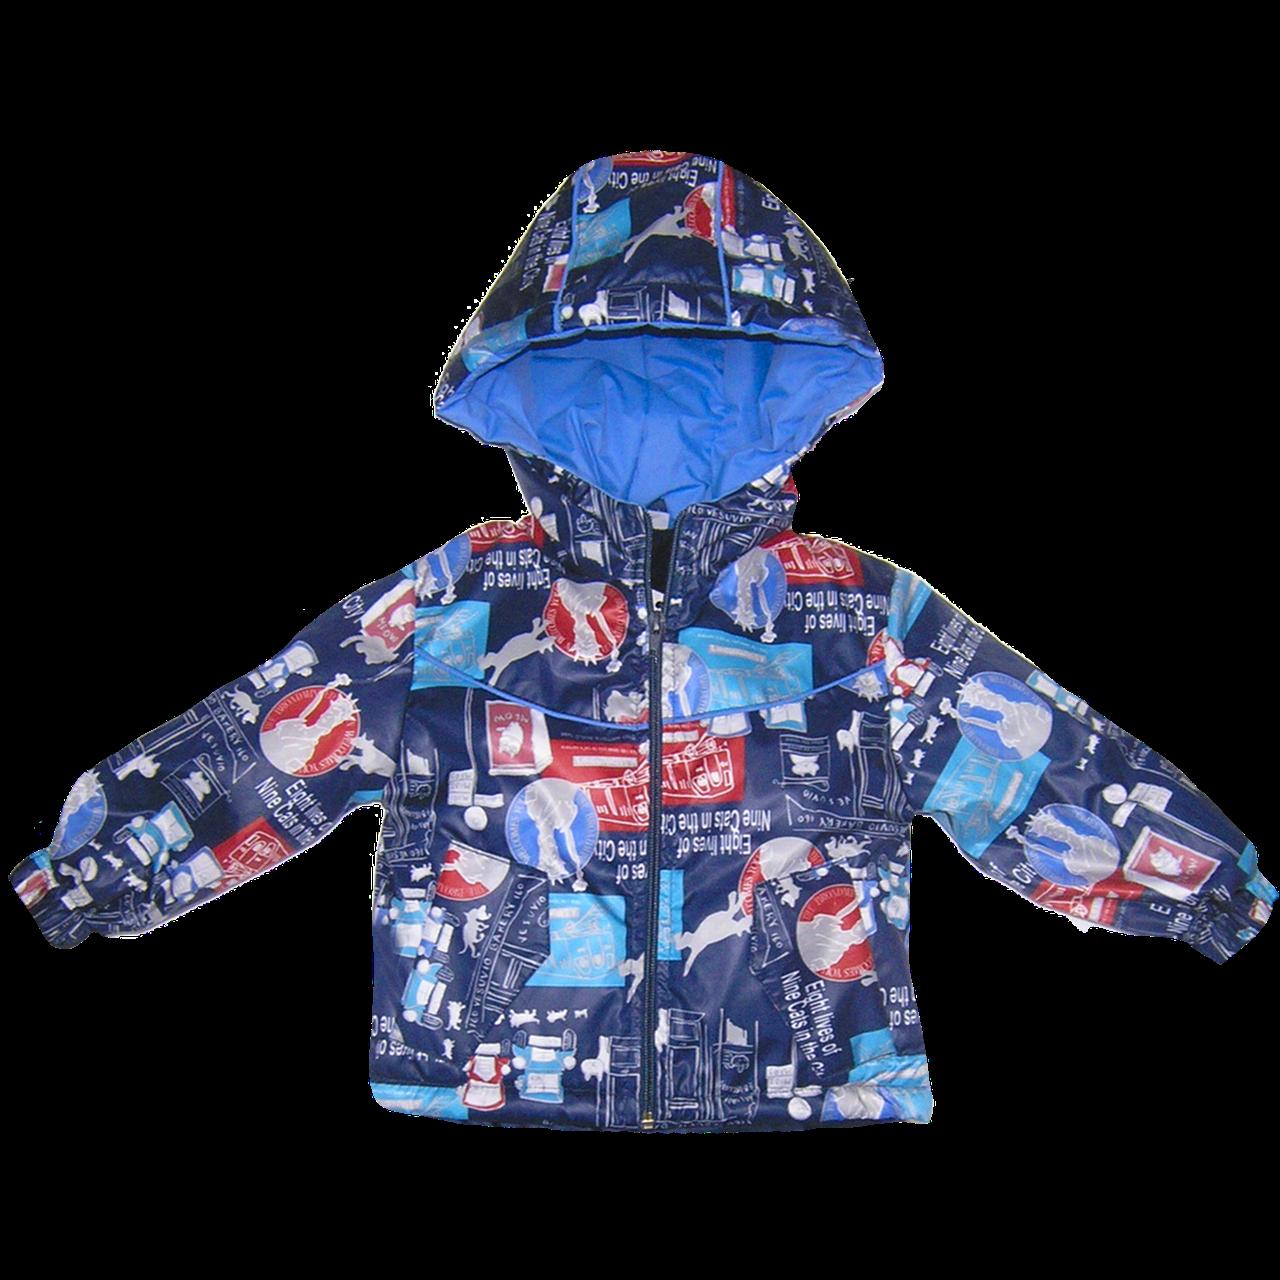 Детская куртка р. 98 весна осень длямальчика на молнии с капюшоном, на флисе и холлофайбере